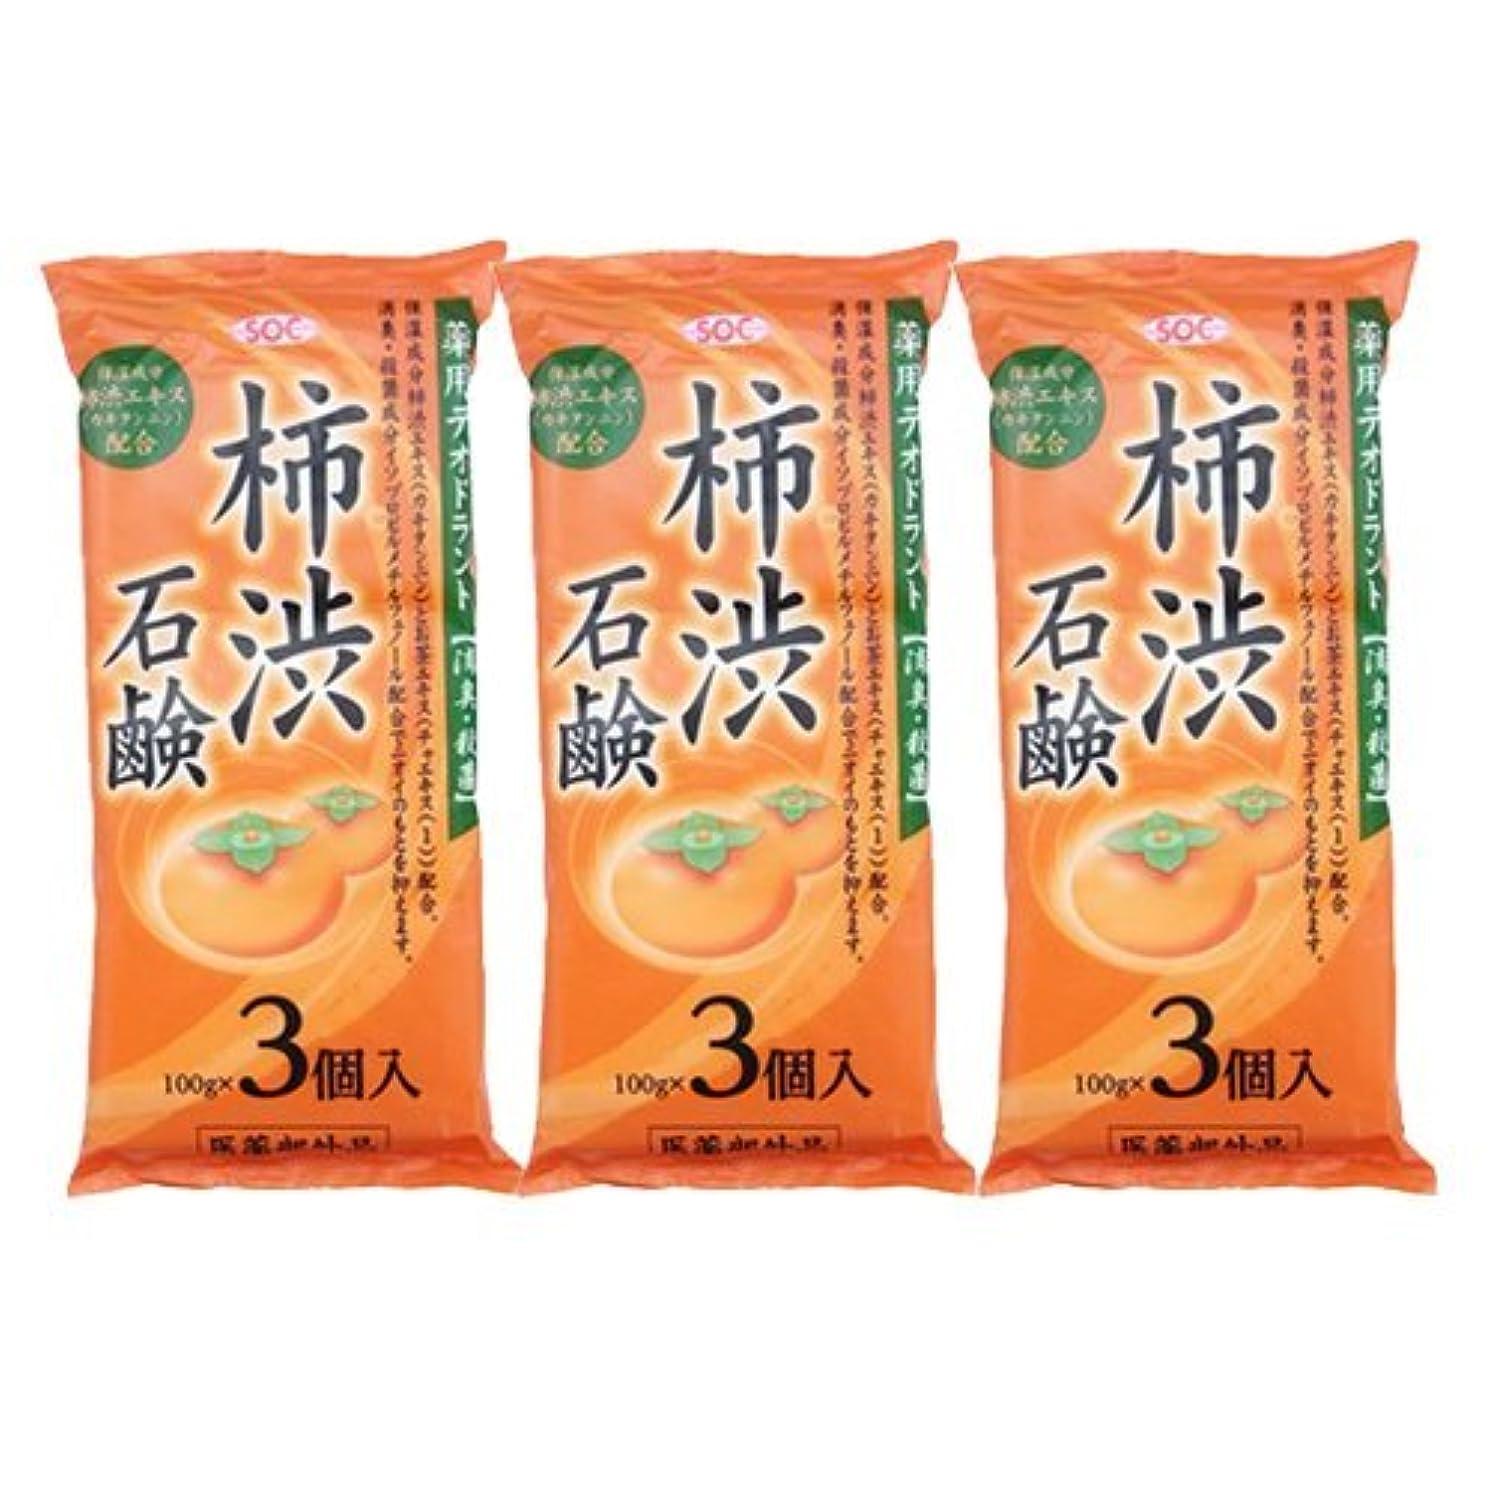 コンパニオン主流魂渋谷油脂 SOC 薬用柿渋石鹸 3P ×3袋セット (100g×9個)